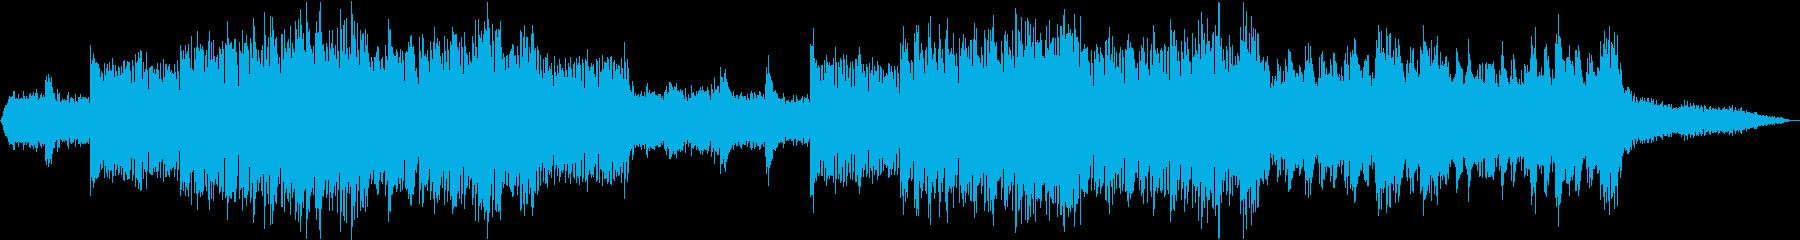 森の中の神秘的な遺跡のテクスチャー音楽の再生済みの波形